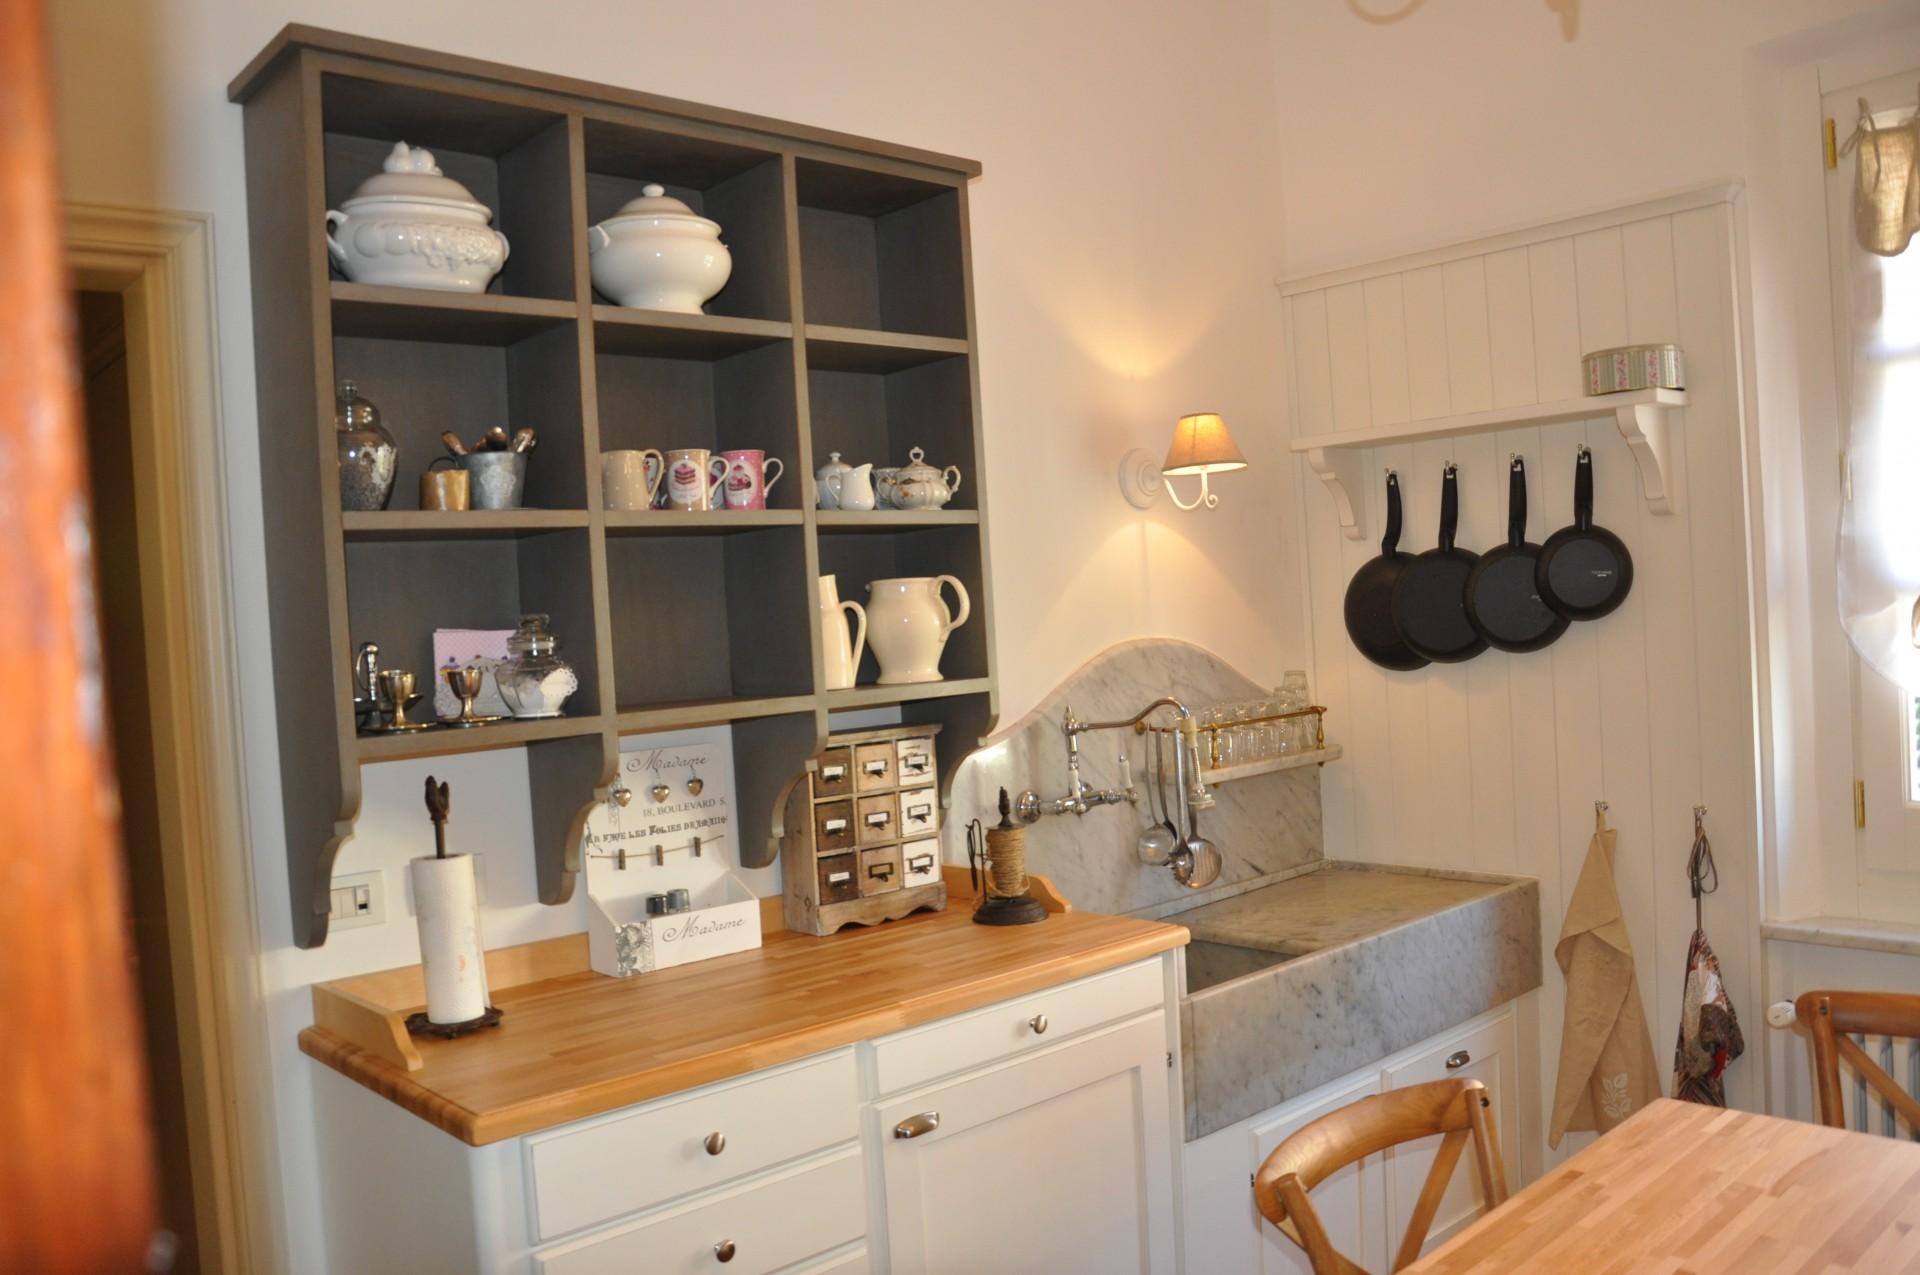 Cucina in legno di rovere fadini mobili cerea verona for Mobili x cucine piccole